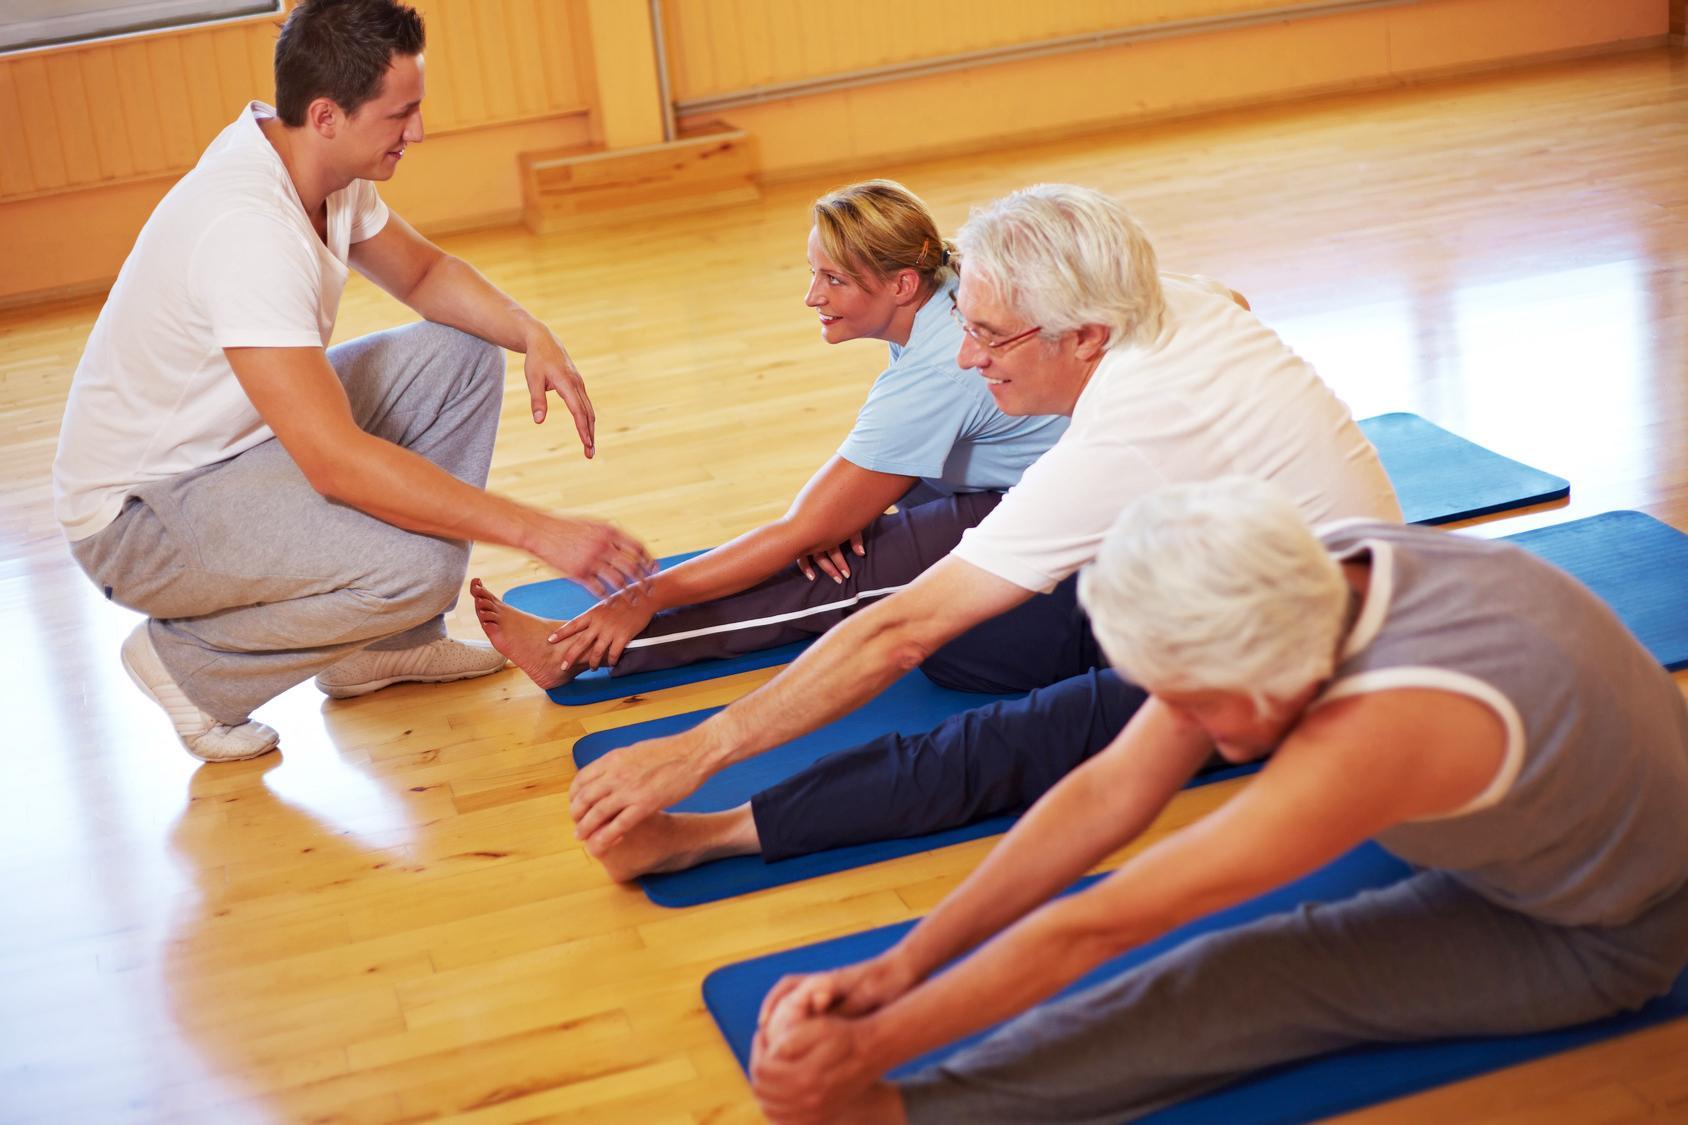 Гимнастика для лечения шейного остеохондроза упражнения при остеохондрозе шеи